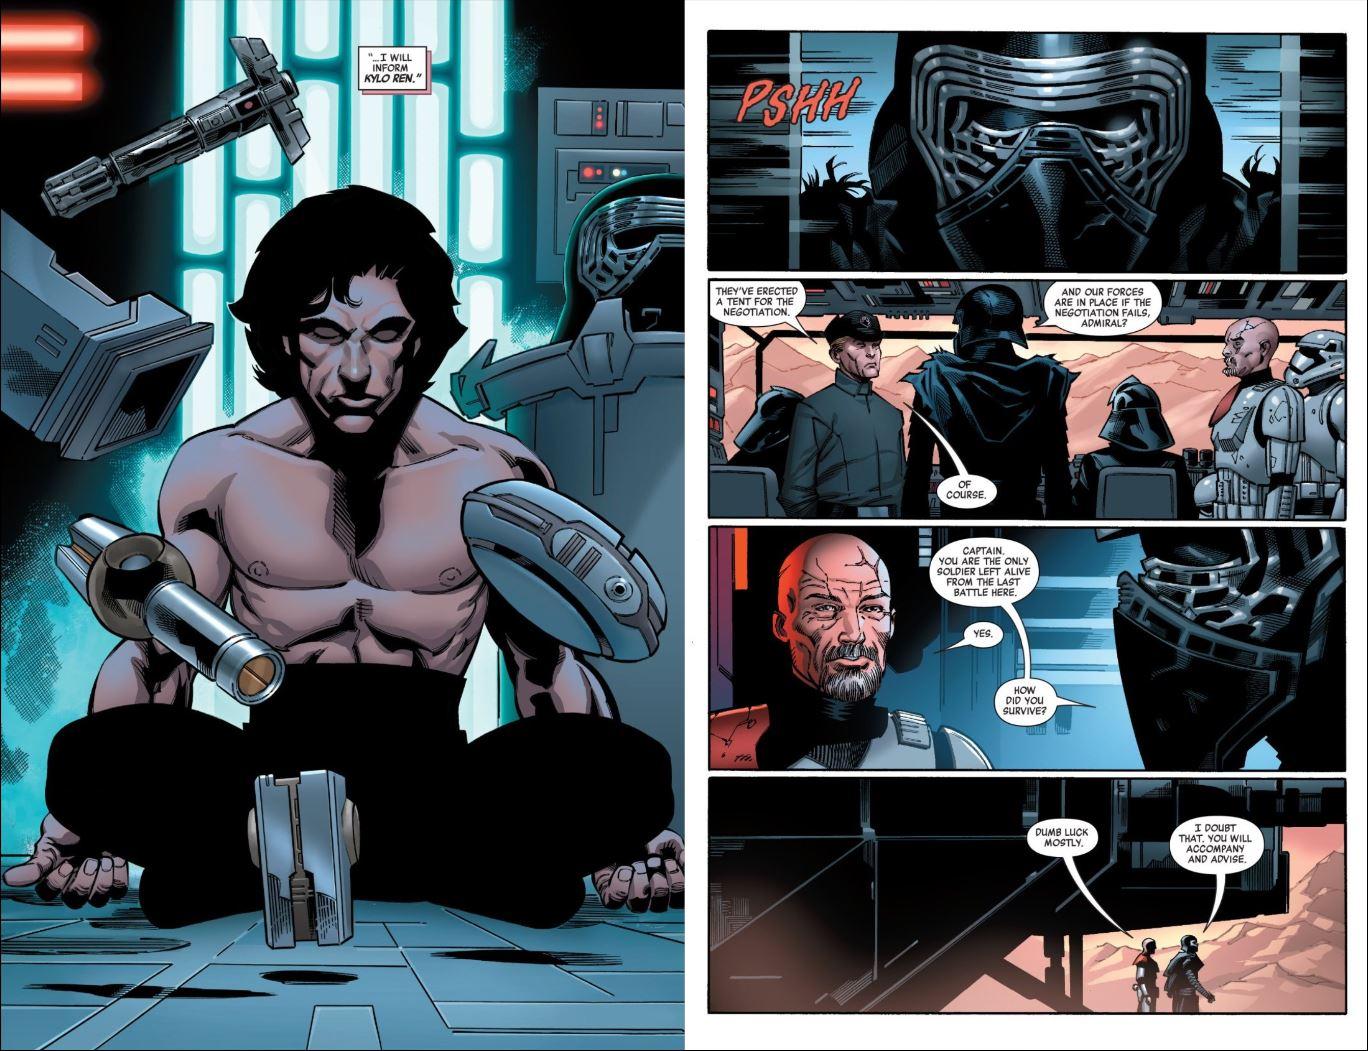 Star Wars Kylo Ren issue 1 Commander Ruthford